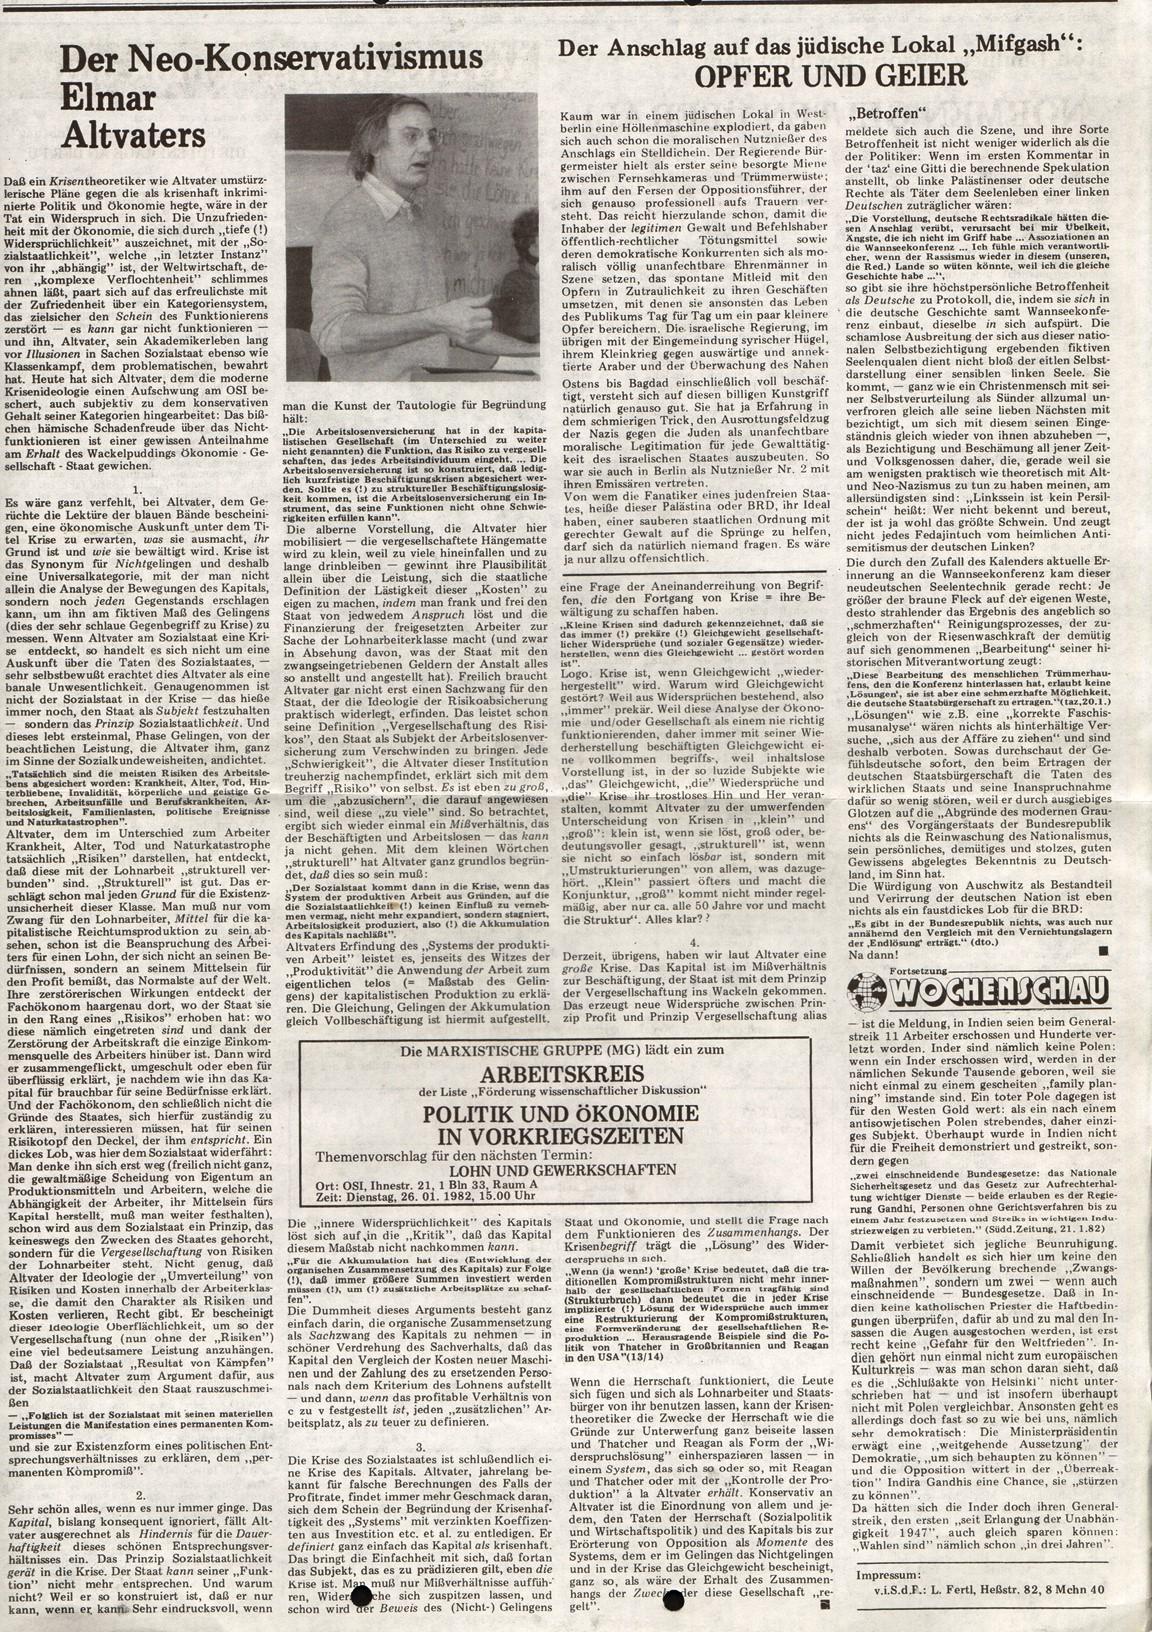 Berlin_MG_Hochschulzeitung_19820126_03